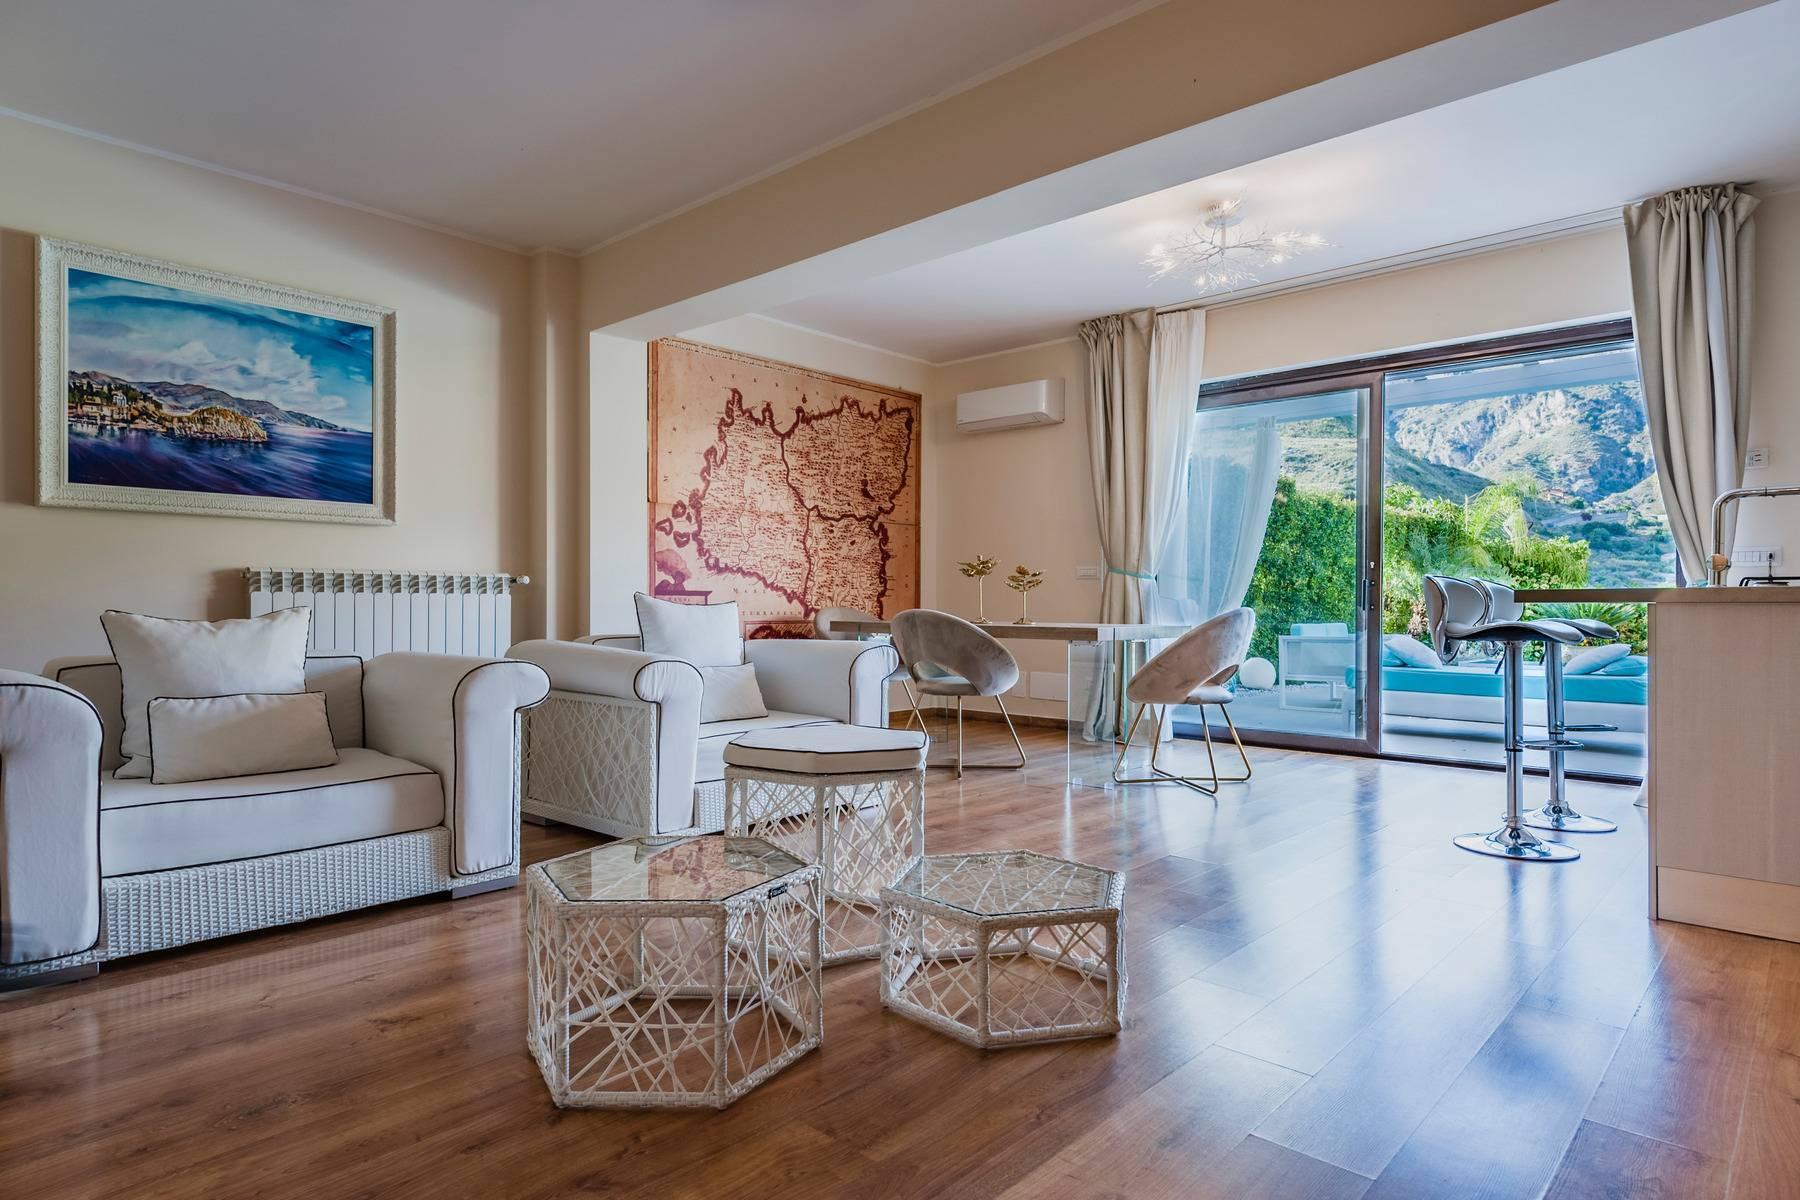 Modern villa with swimming pool in Taormina - 26